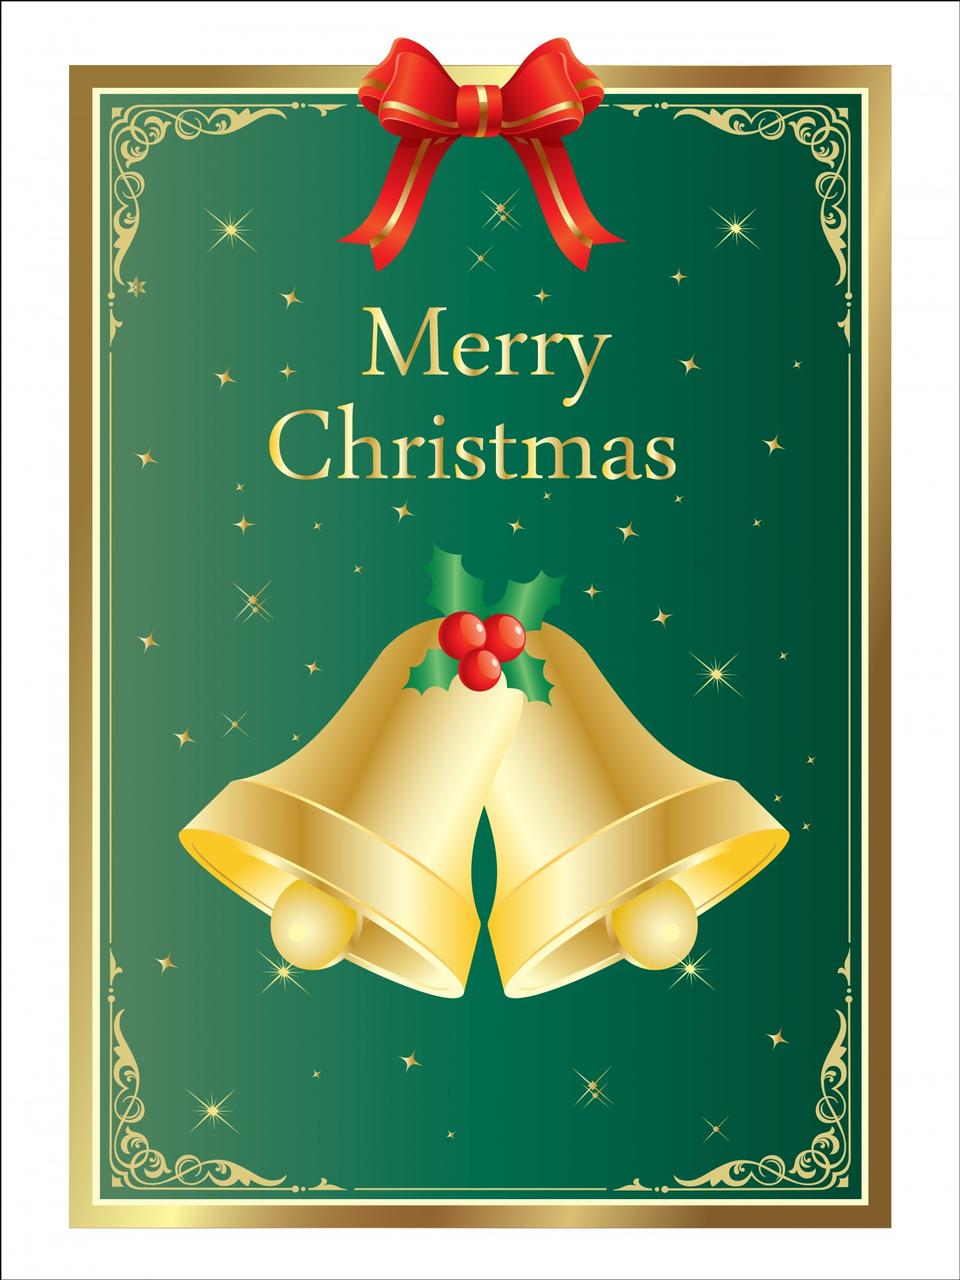 크리스마스 종소리 카드 템플릿